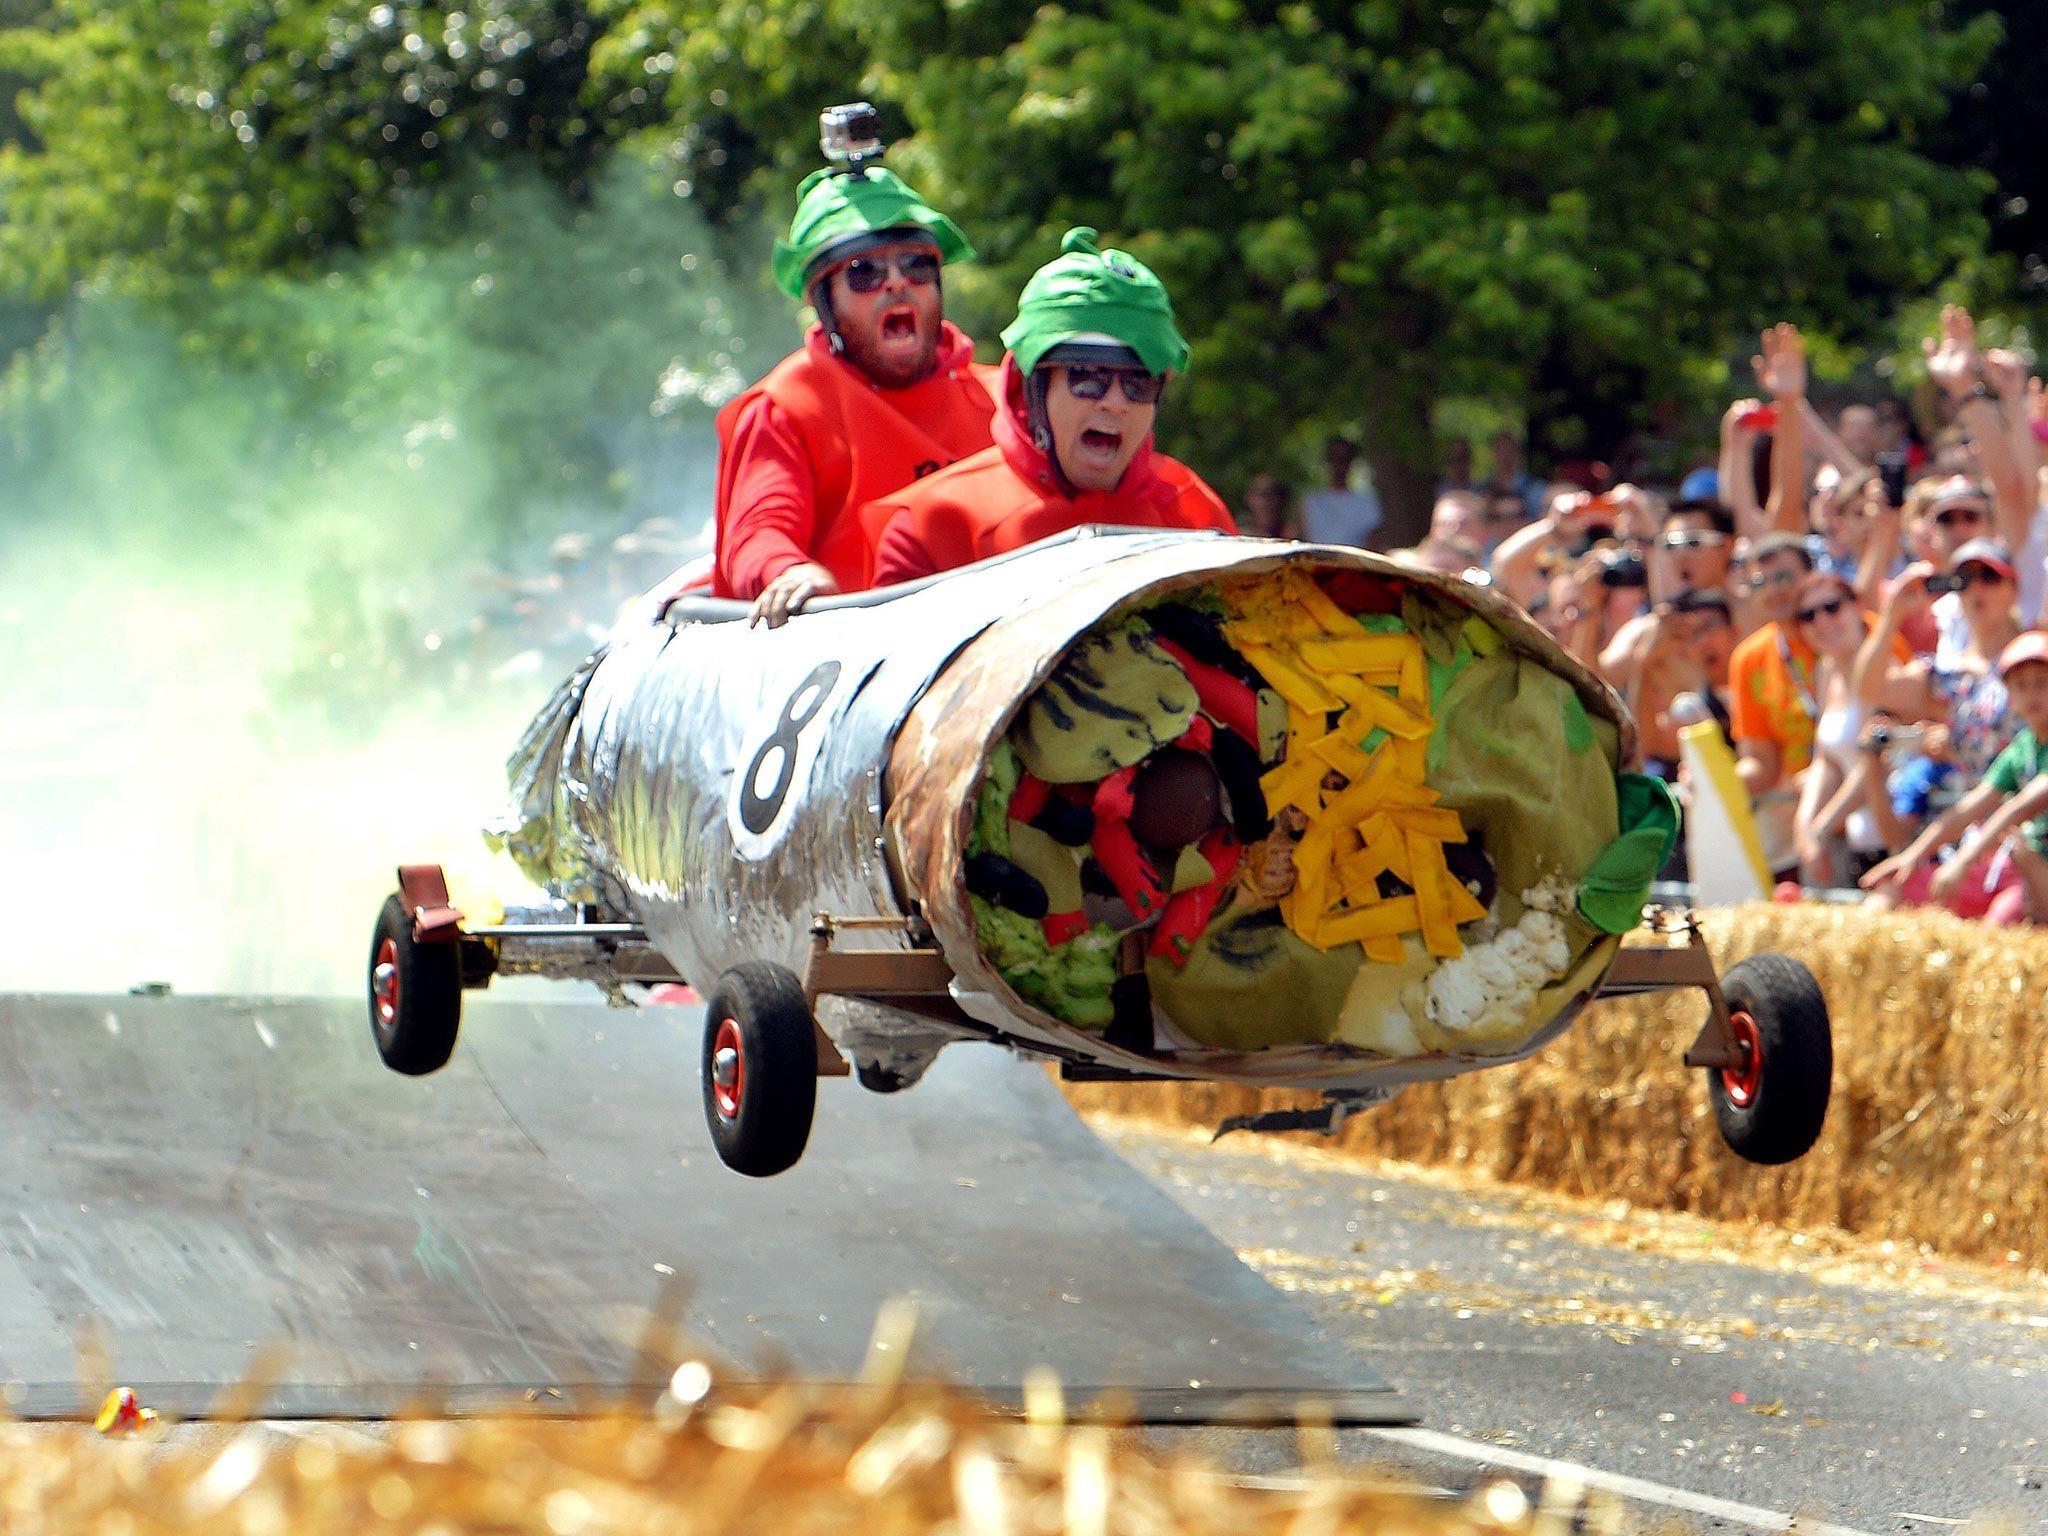 Red Bull Soap Box Derby >> đua Xe Tự Chế Ba đạo Của Red Bull Soapbox Race So Funny